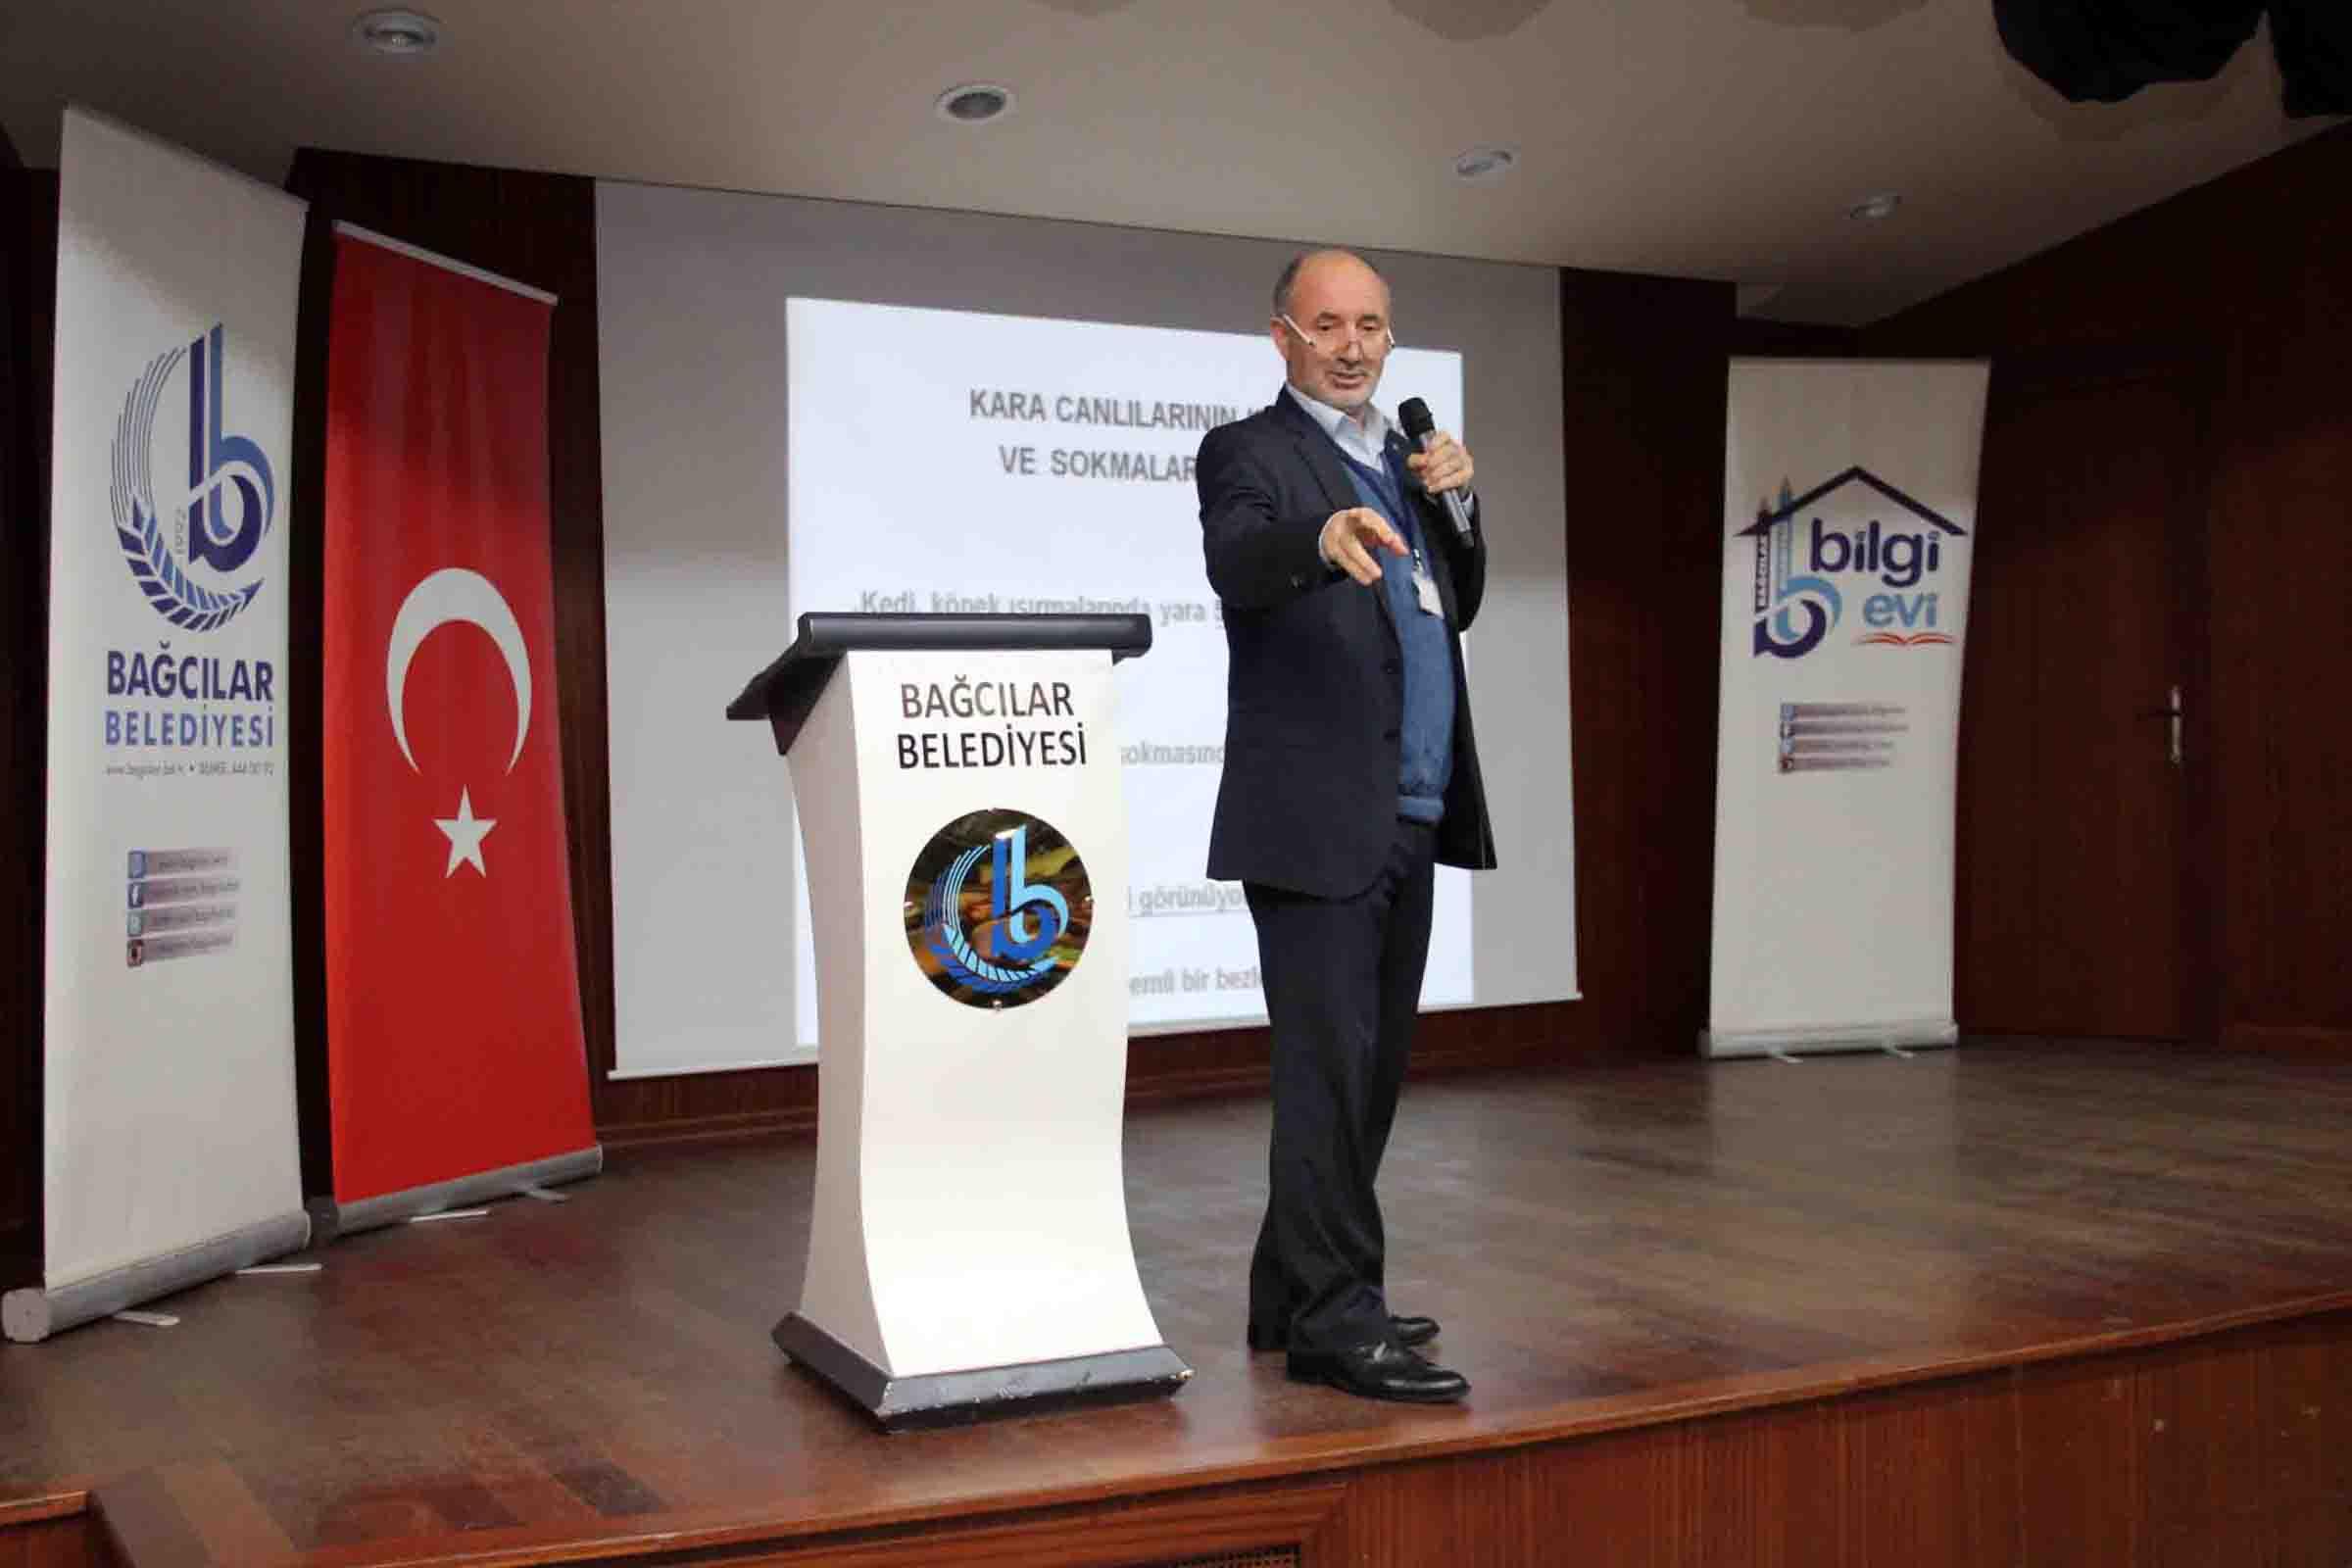 İstanbul, Bağcılar Belediyesi, Hayvan ısırıklarında ilkyardım ve Kuduz konulu bir seminer düzenledi.